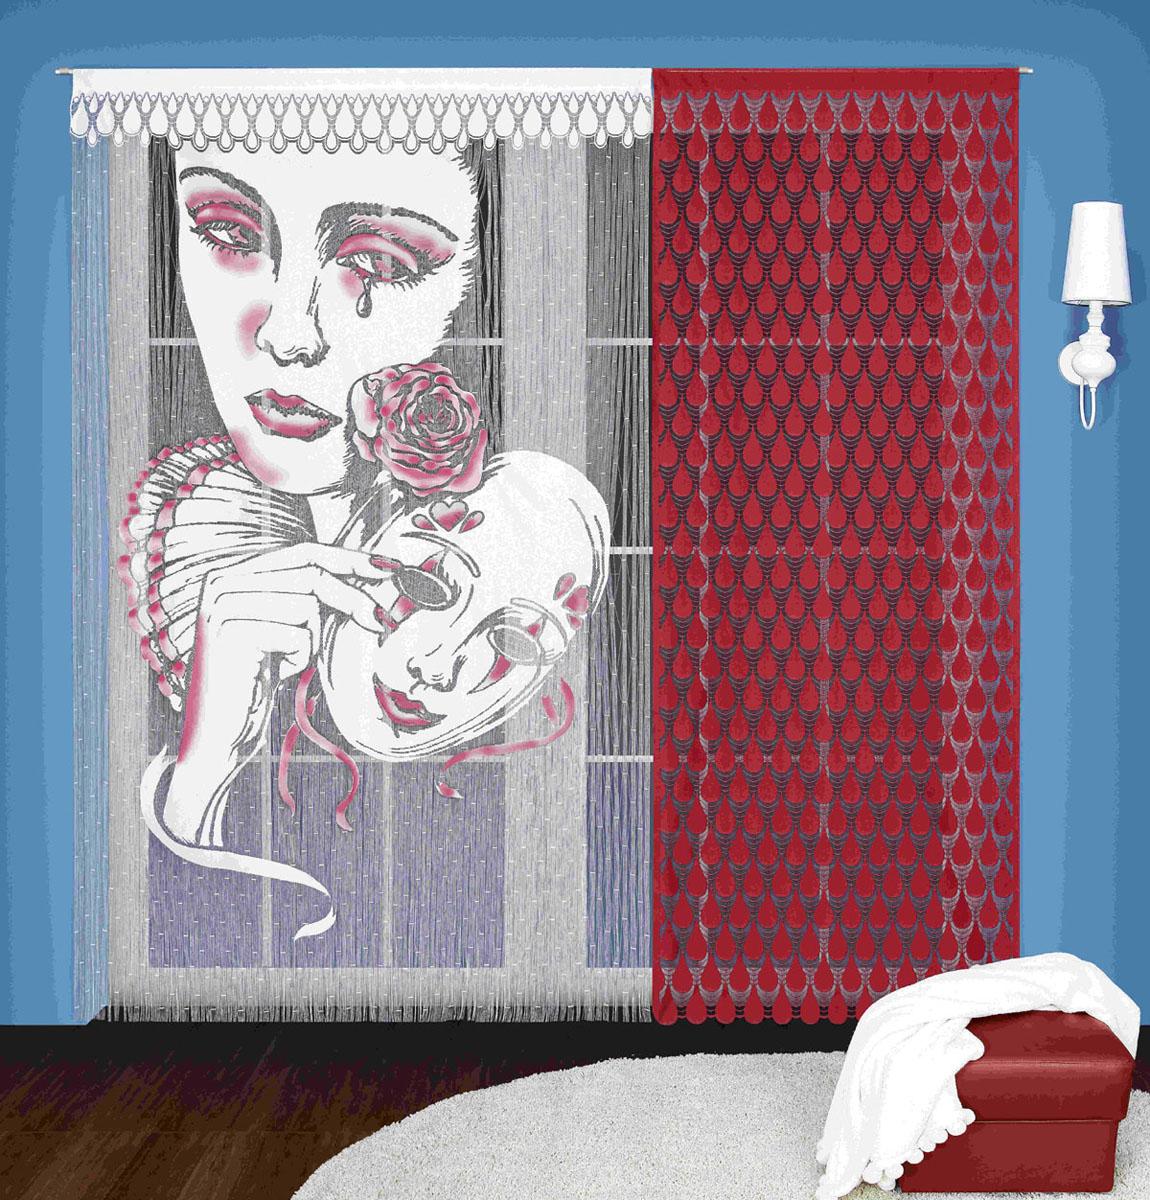 Гардина-лапша Wisan, цвет: бордовый, высота 240 см3348Гардинное полотно Пьеро, состоящее из двух отдельных частей . Крепится на кулиску. Размеры: ширина 150* высота 240, ширина 90* высота 240